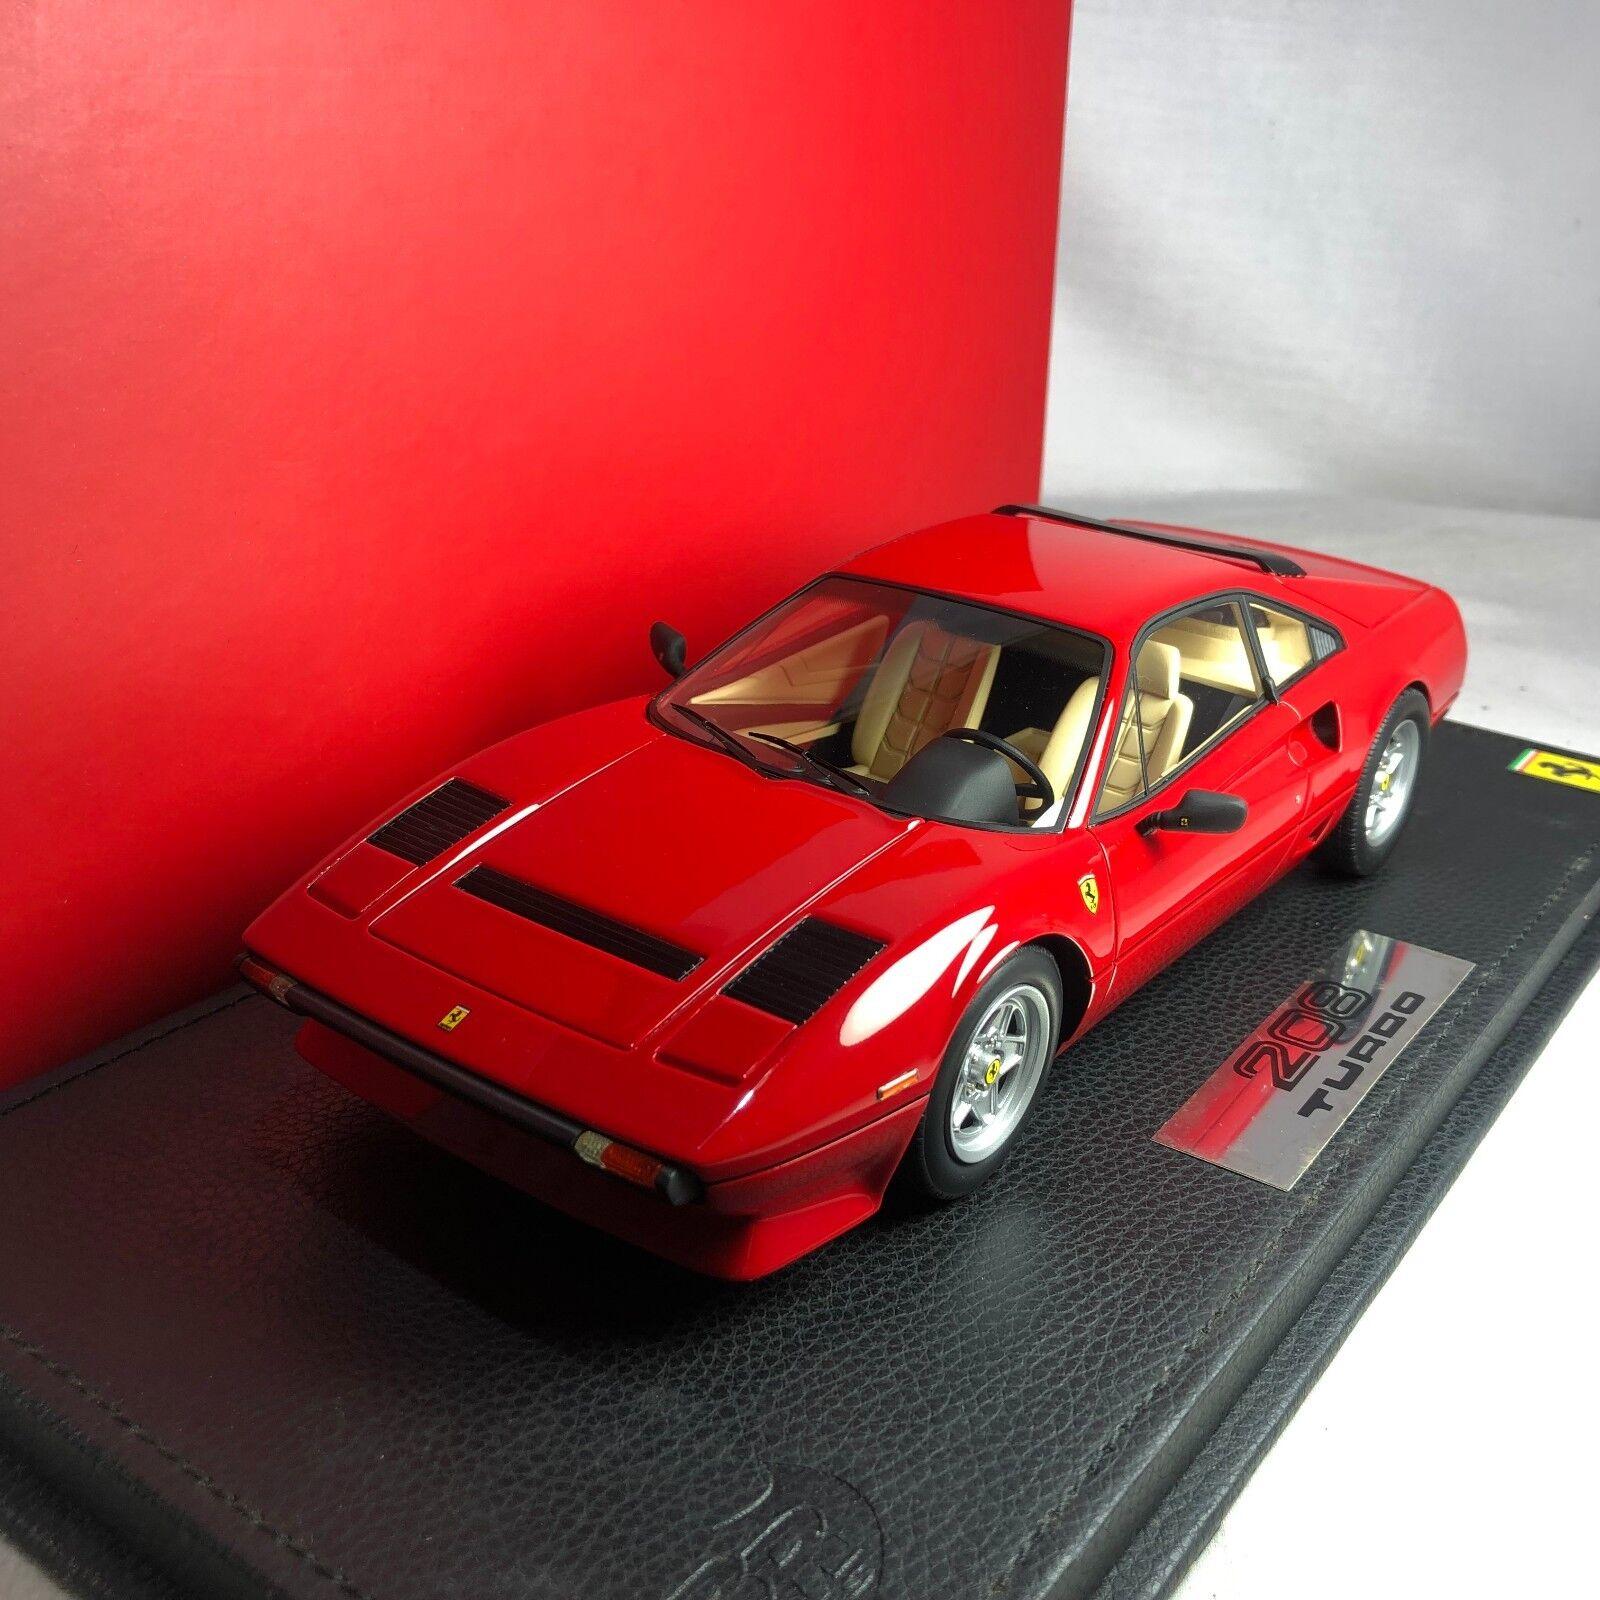 1  18 BBR modelllllerlerl \\\ FRAM35; P18103 Ferrari 208 GTB Turbo 1982 Ltd 437 pcs